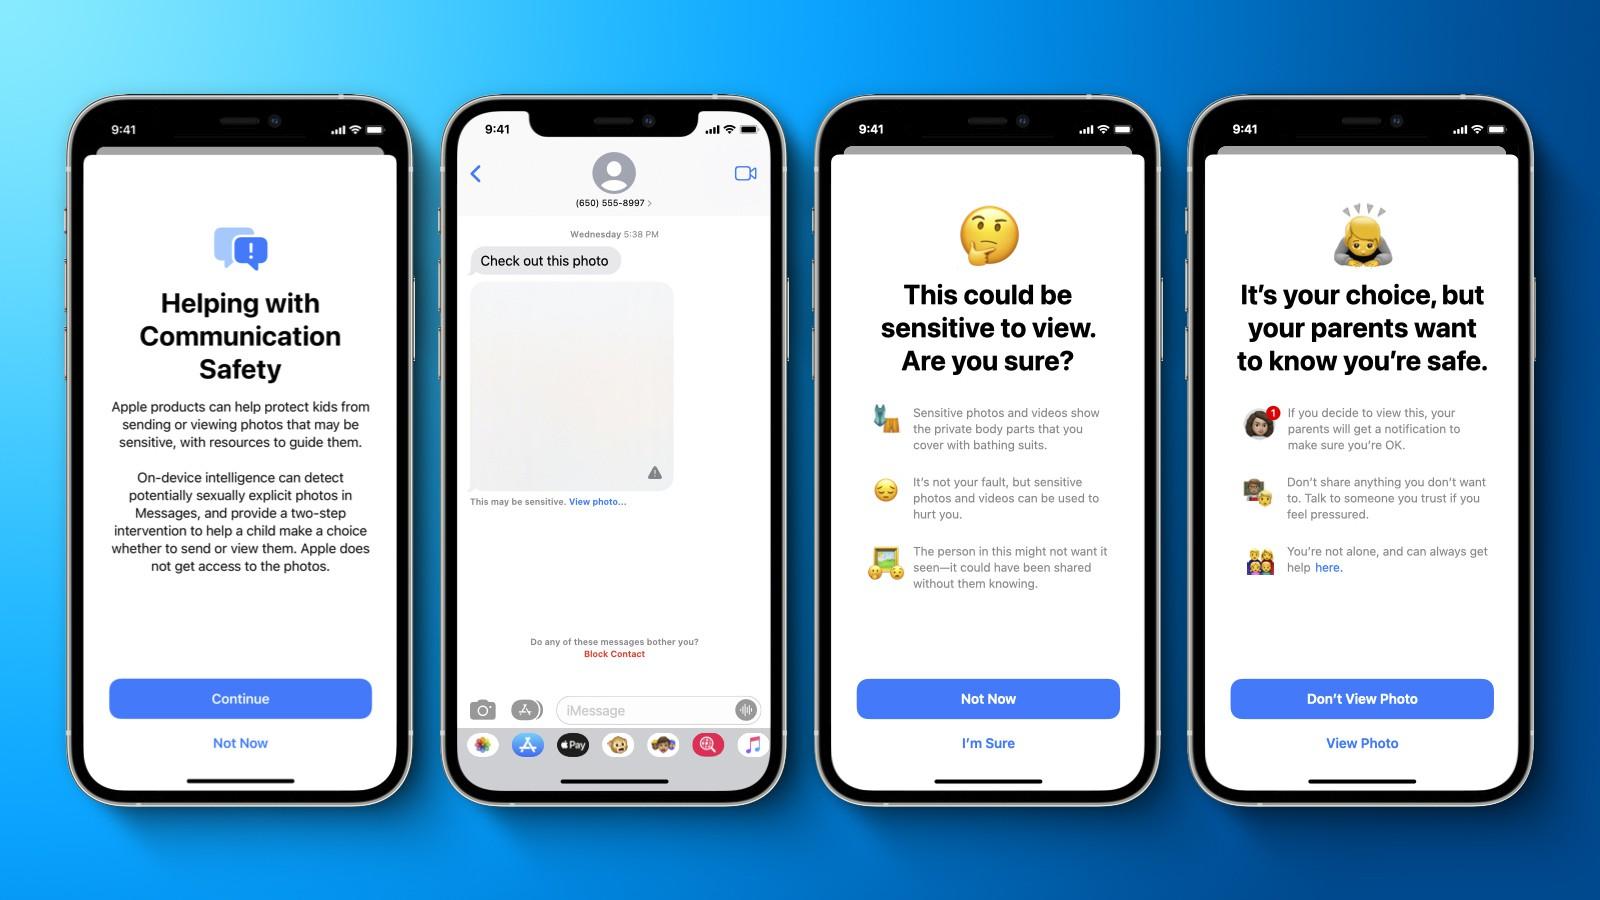 Apple представила новые функции iOS 15 для защиты детей. Например, поиск запрещённых фото на вашем iPhone